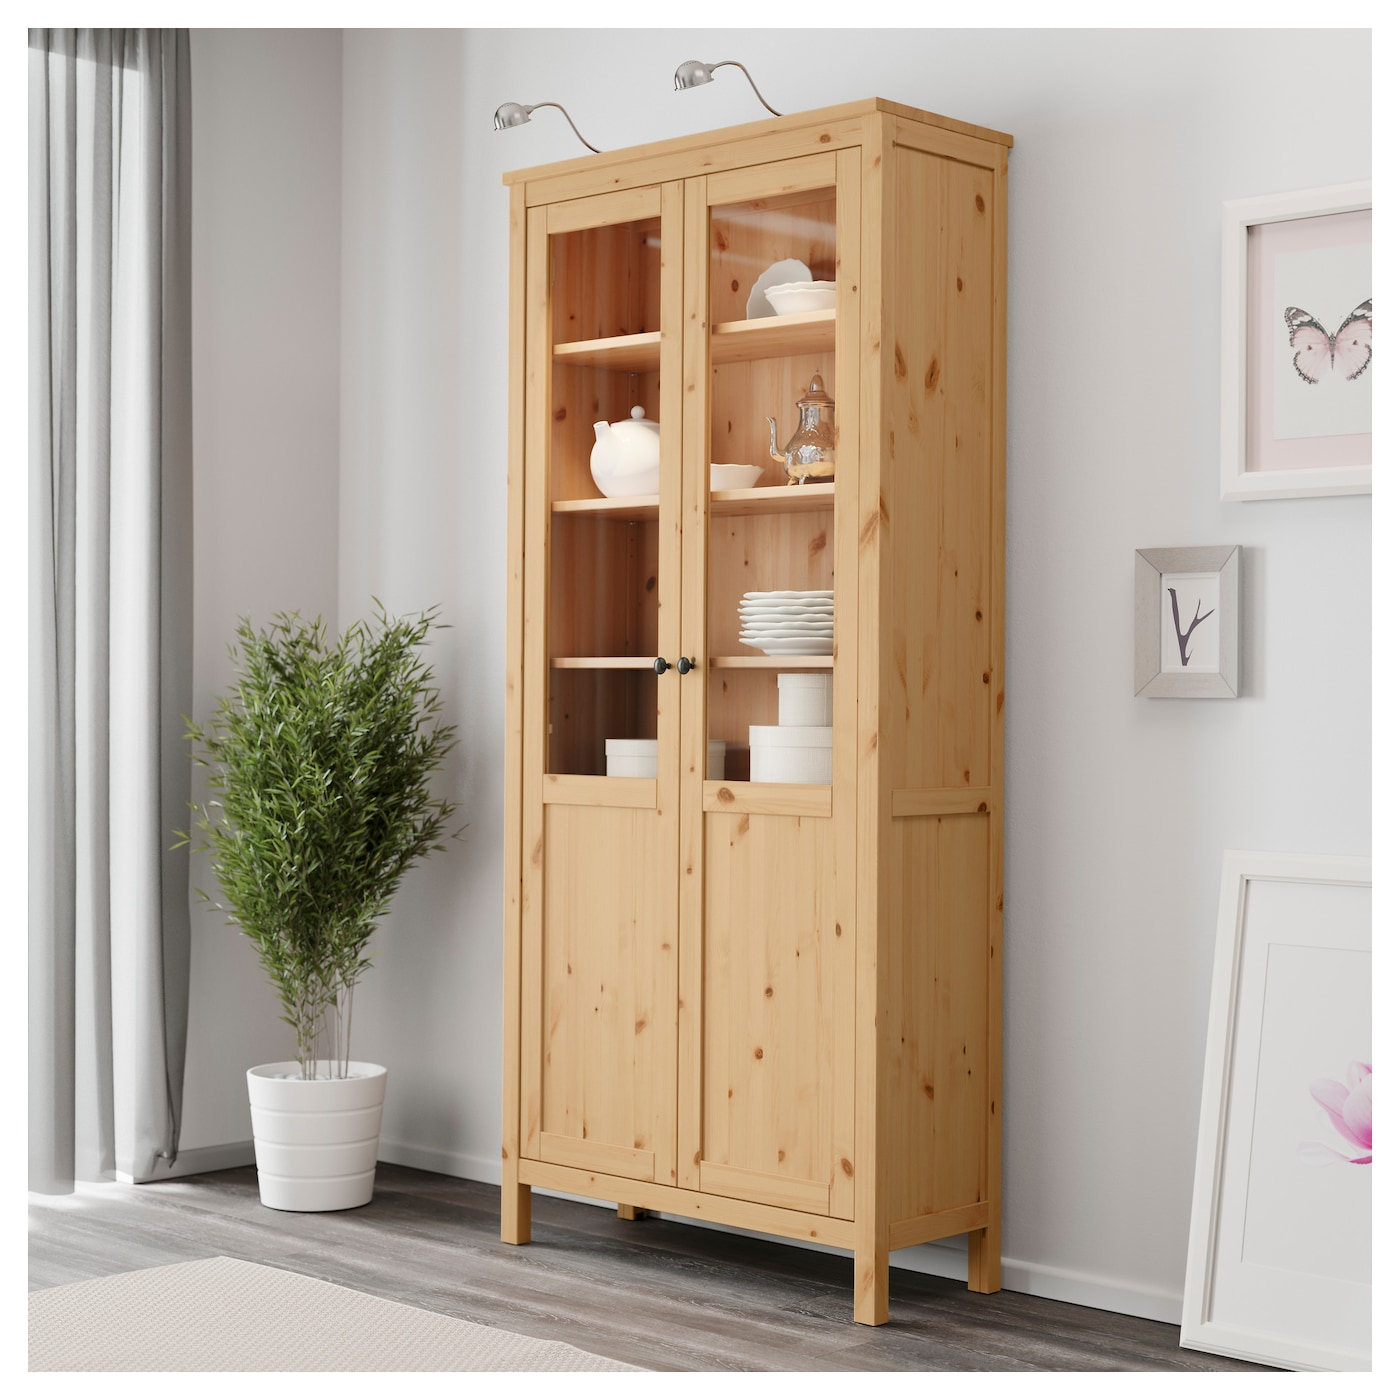 Hemnes cabinet with panel glass door light brown 90x197 cm for Ikea hemnes glass door cabinet